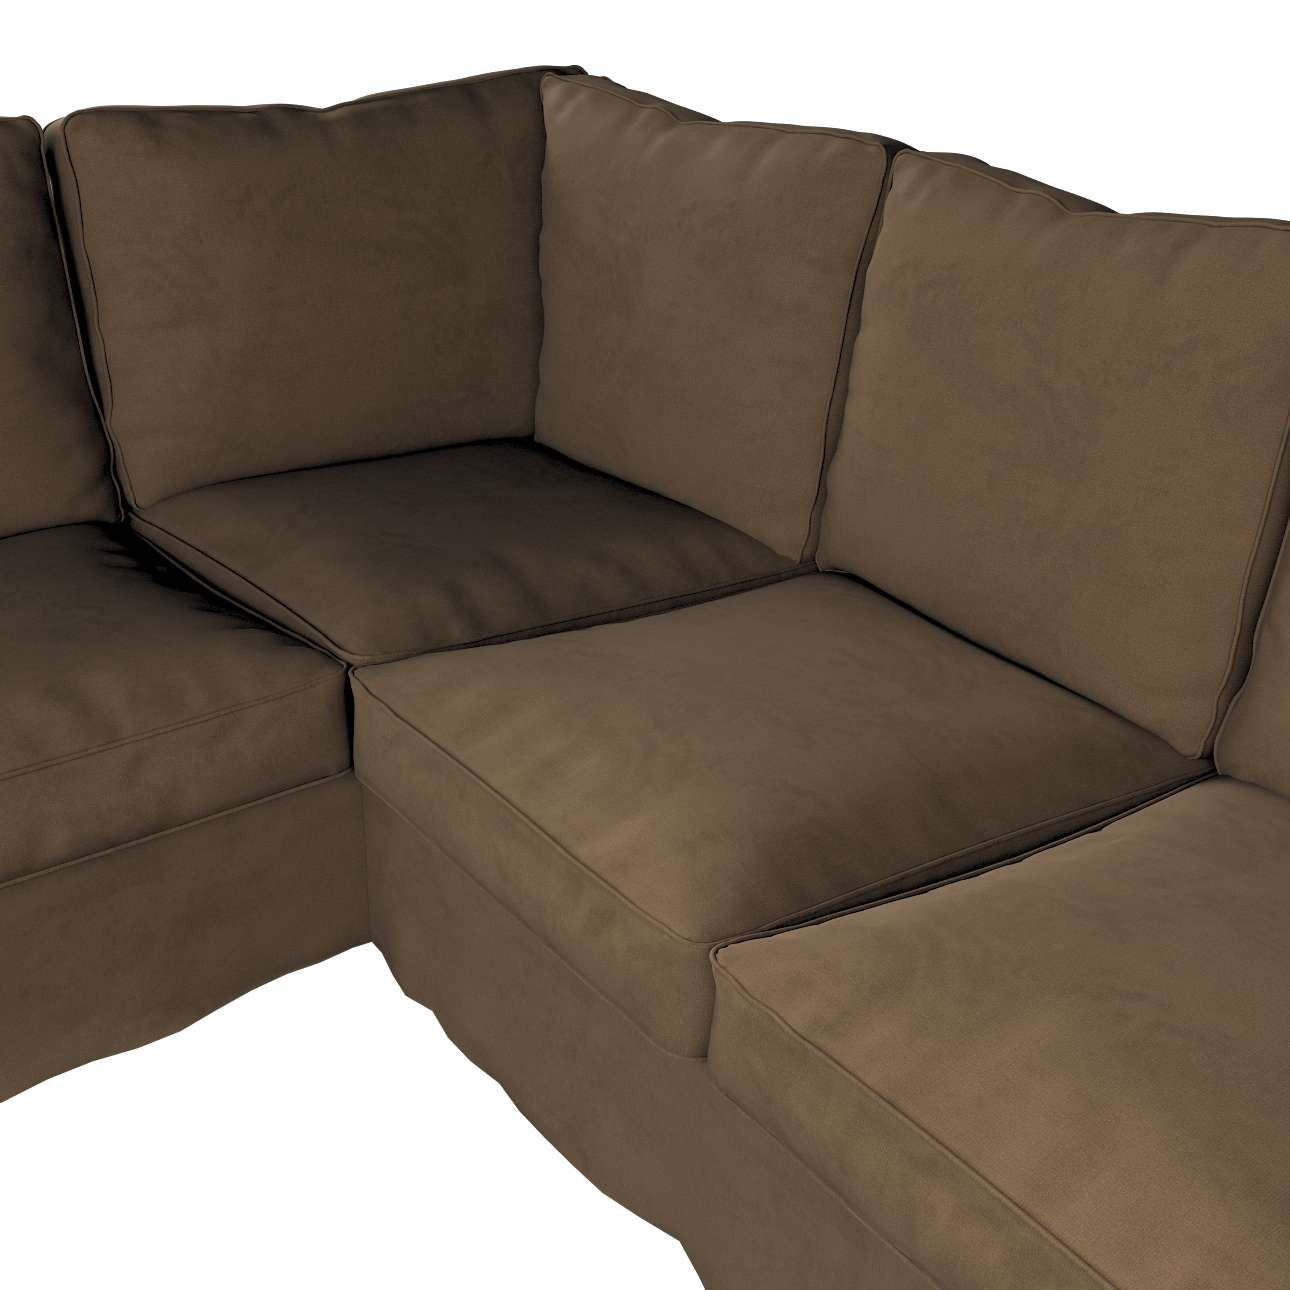 Pokrowiec Ektorp na sofę narożną w kolekcji Living, tkanina: 160-94